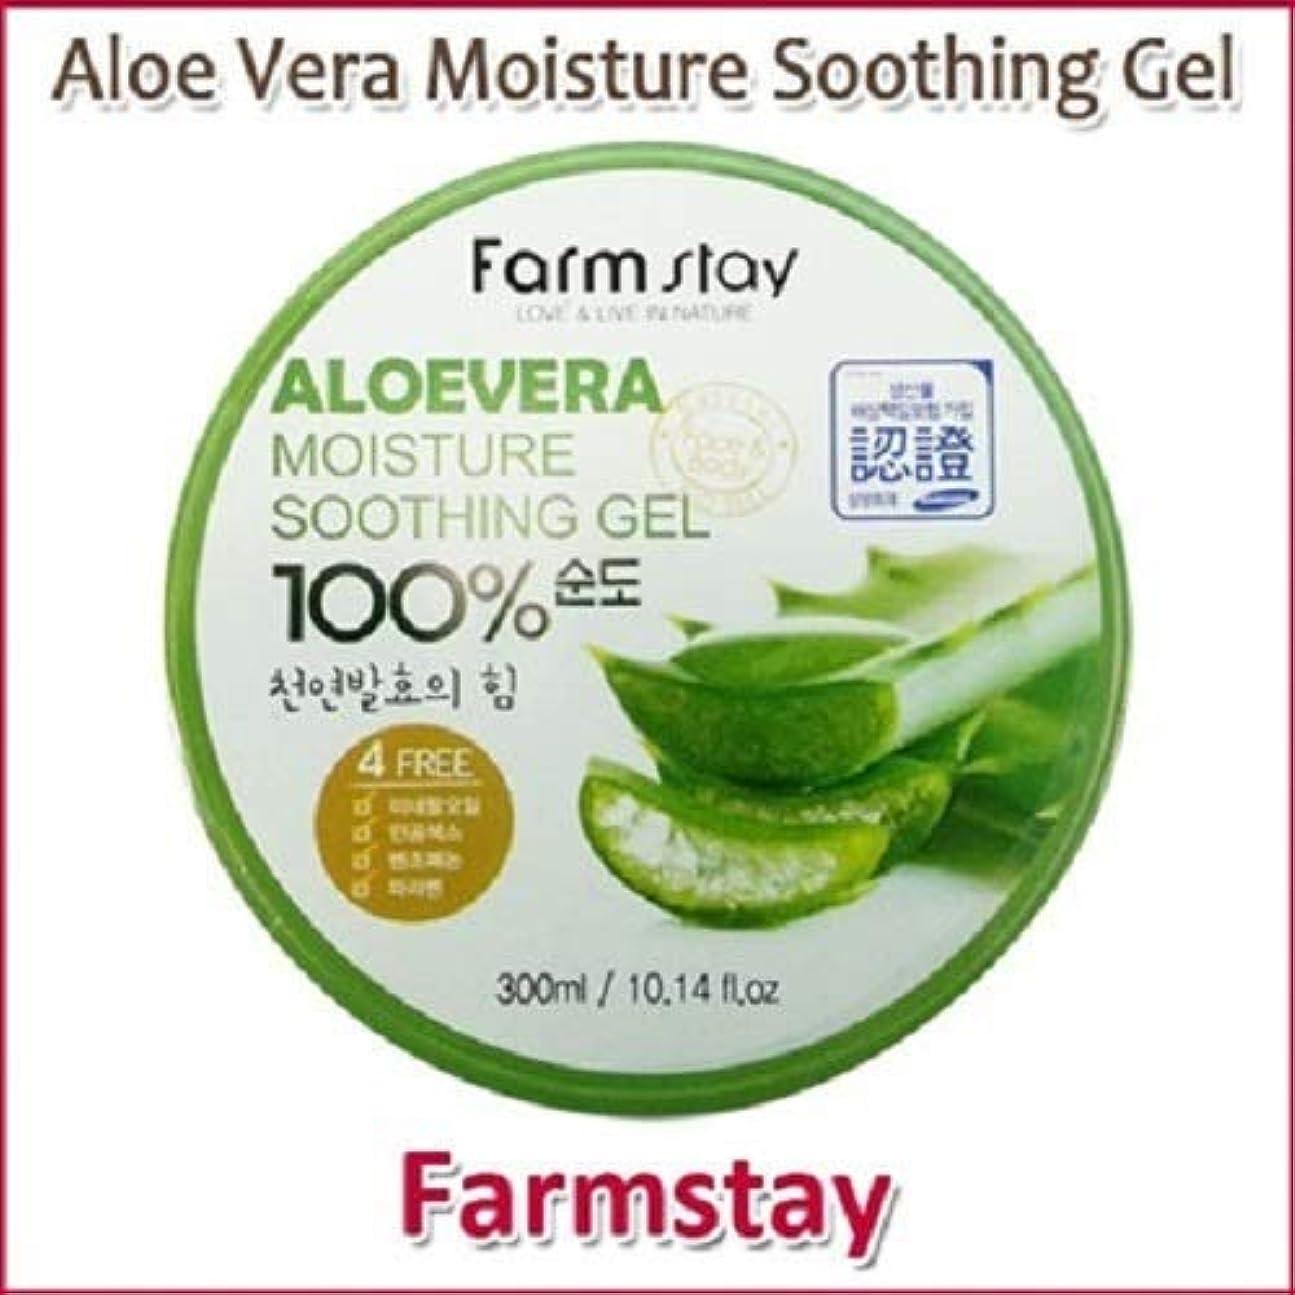 壊すシプリー異形Farm Stay Aloe Vera Moisture Soothing Gel 300ml /オーガニック アロエベラゲル 100%/保湿ケア/韓国コスメ/Aloe Vera 100% /Moisturizing [...